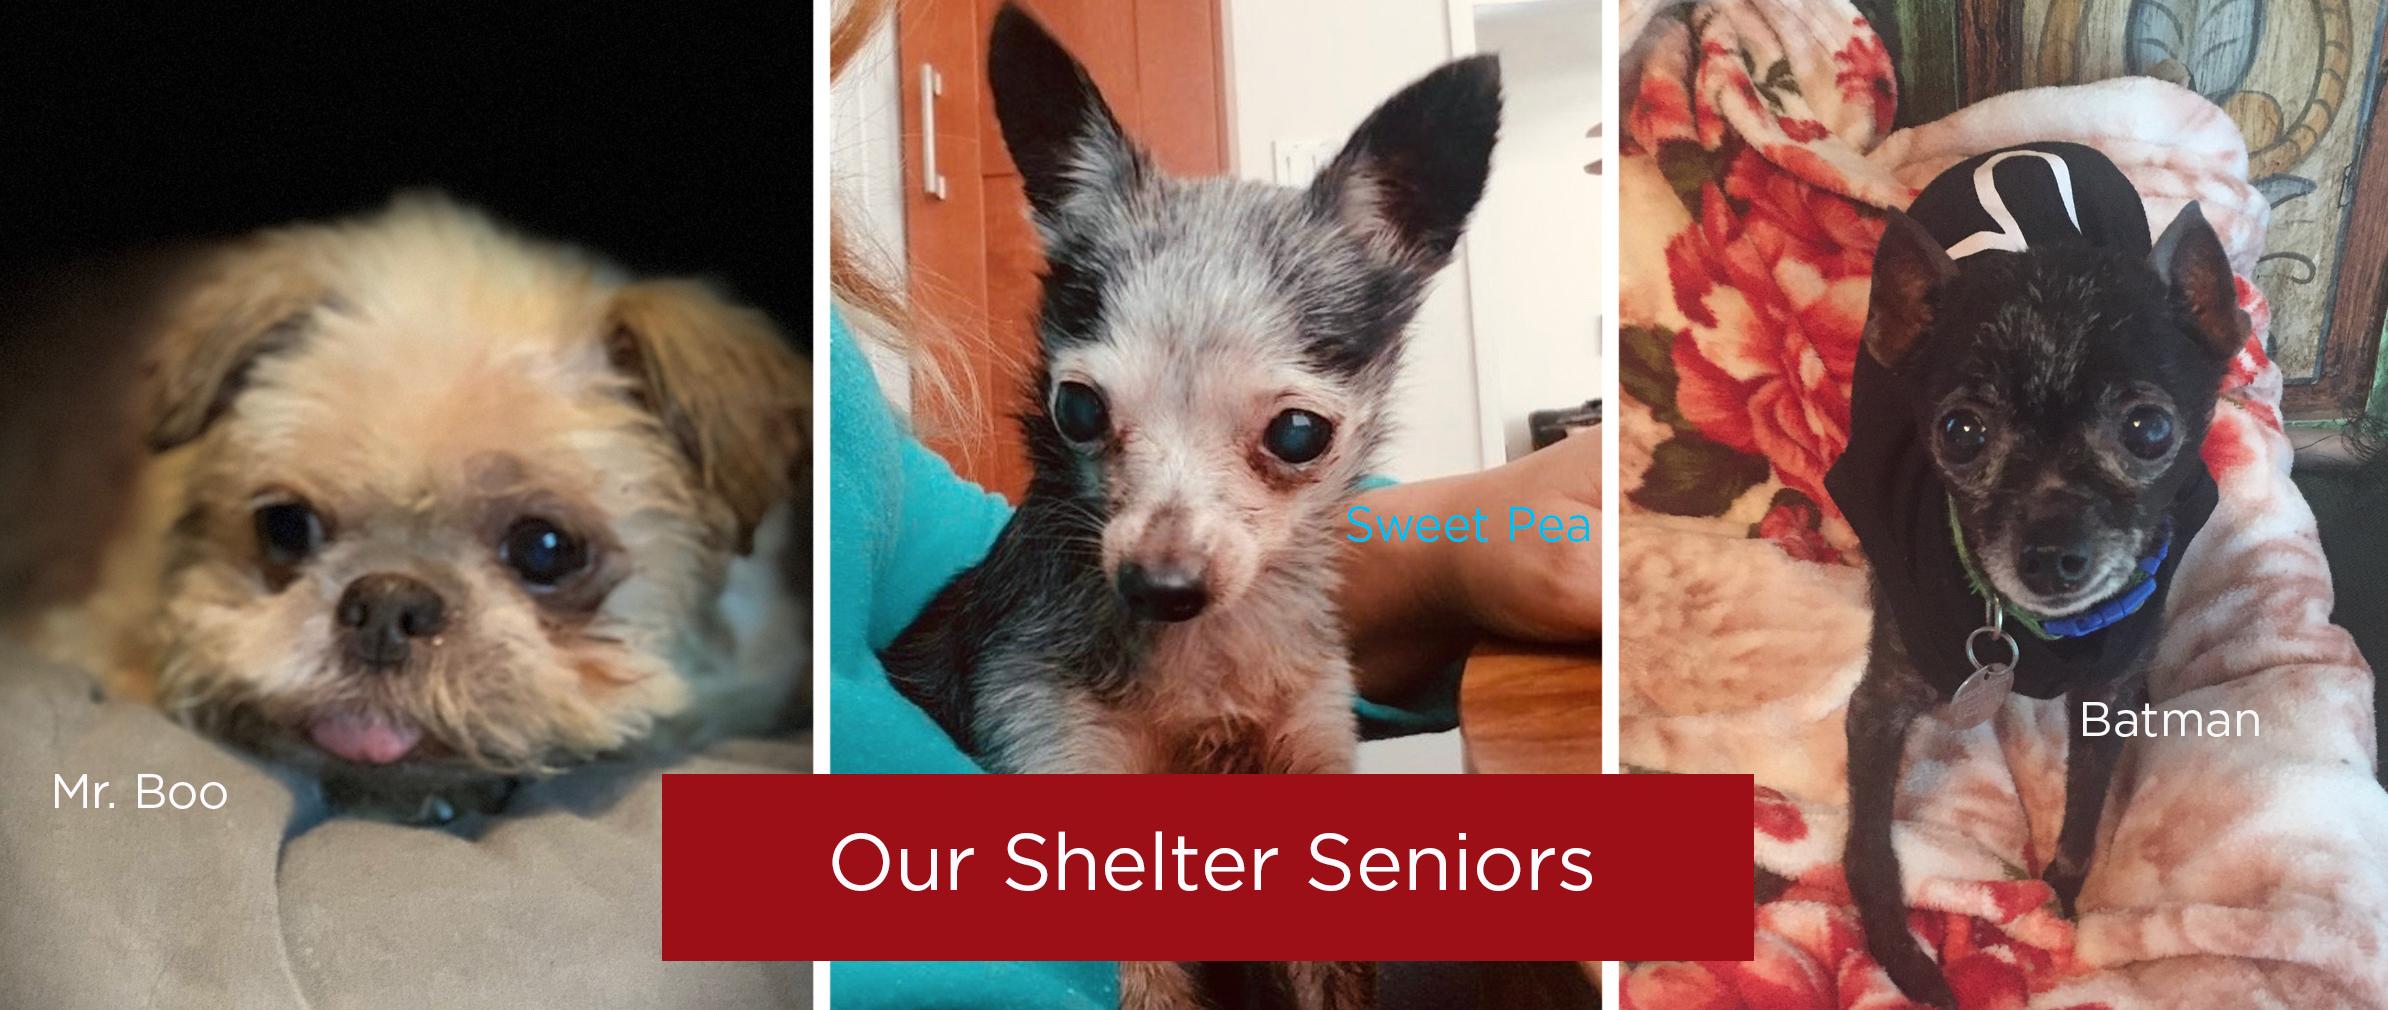 Shelter seniors